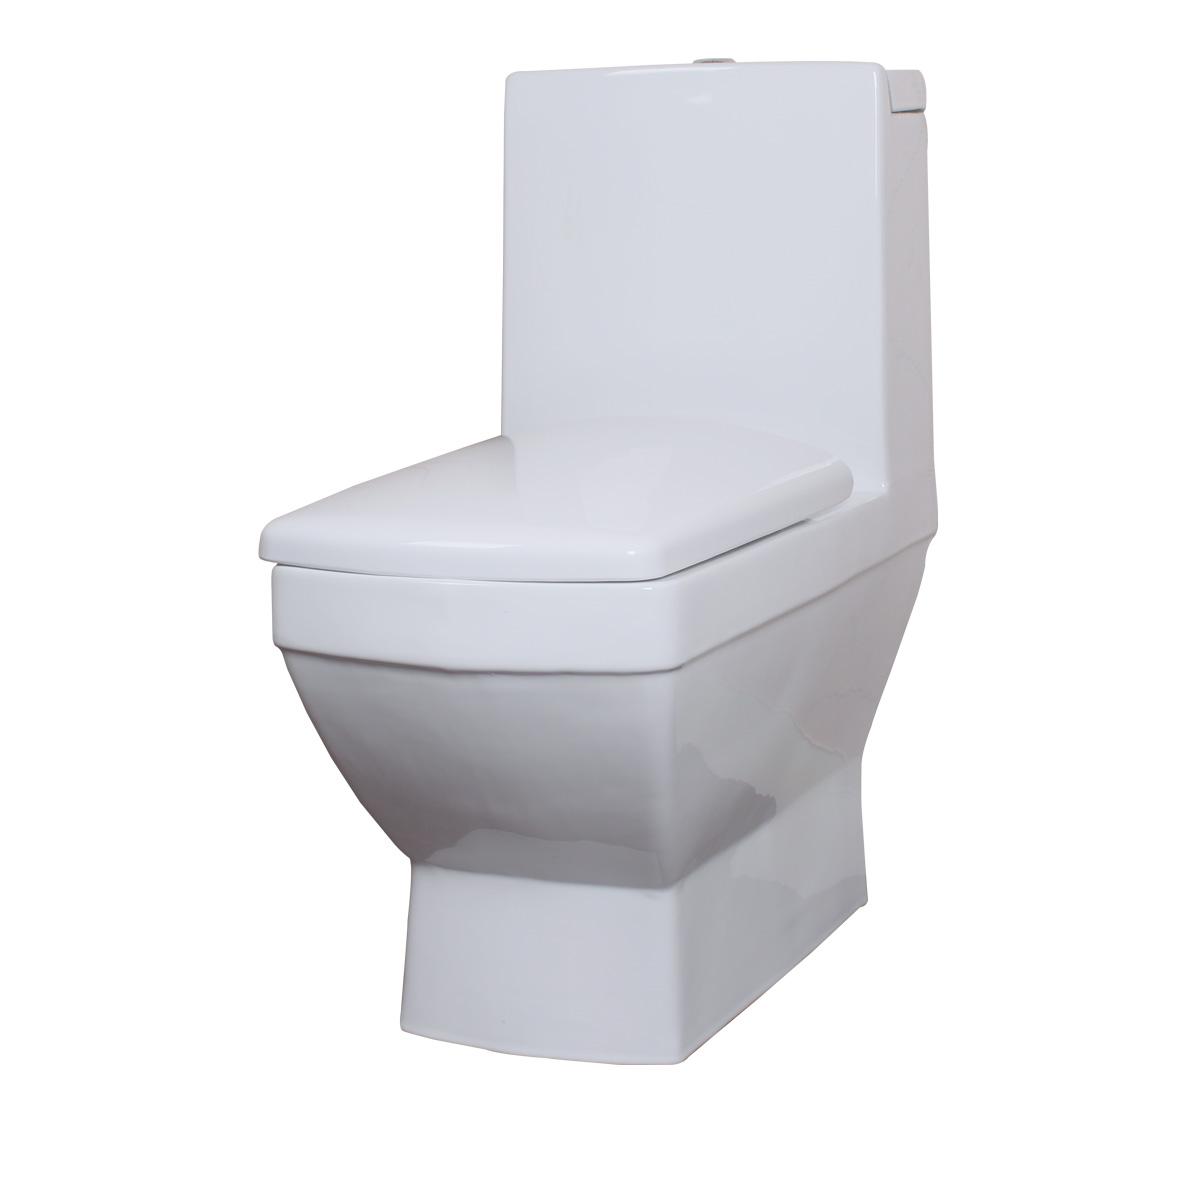 瑝玛卫浴 冲落式节水静音马桶 地排水 防臭坐便器 卫生间马桶H008